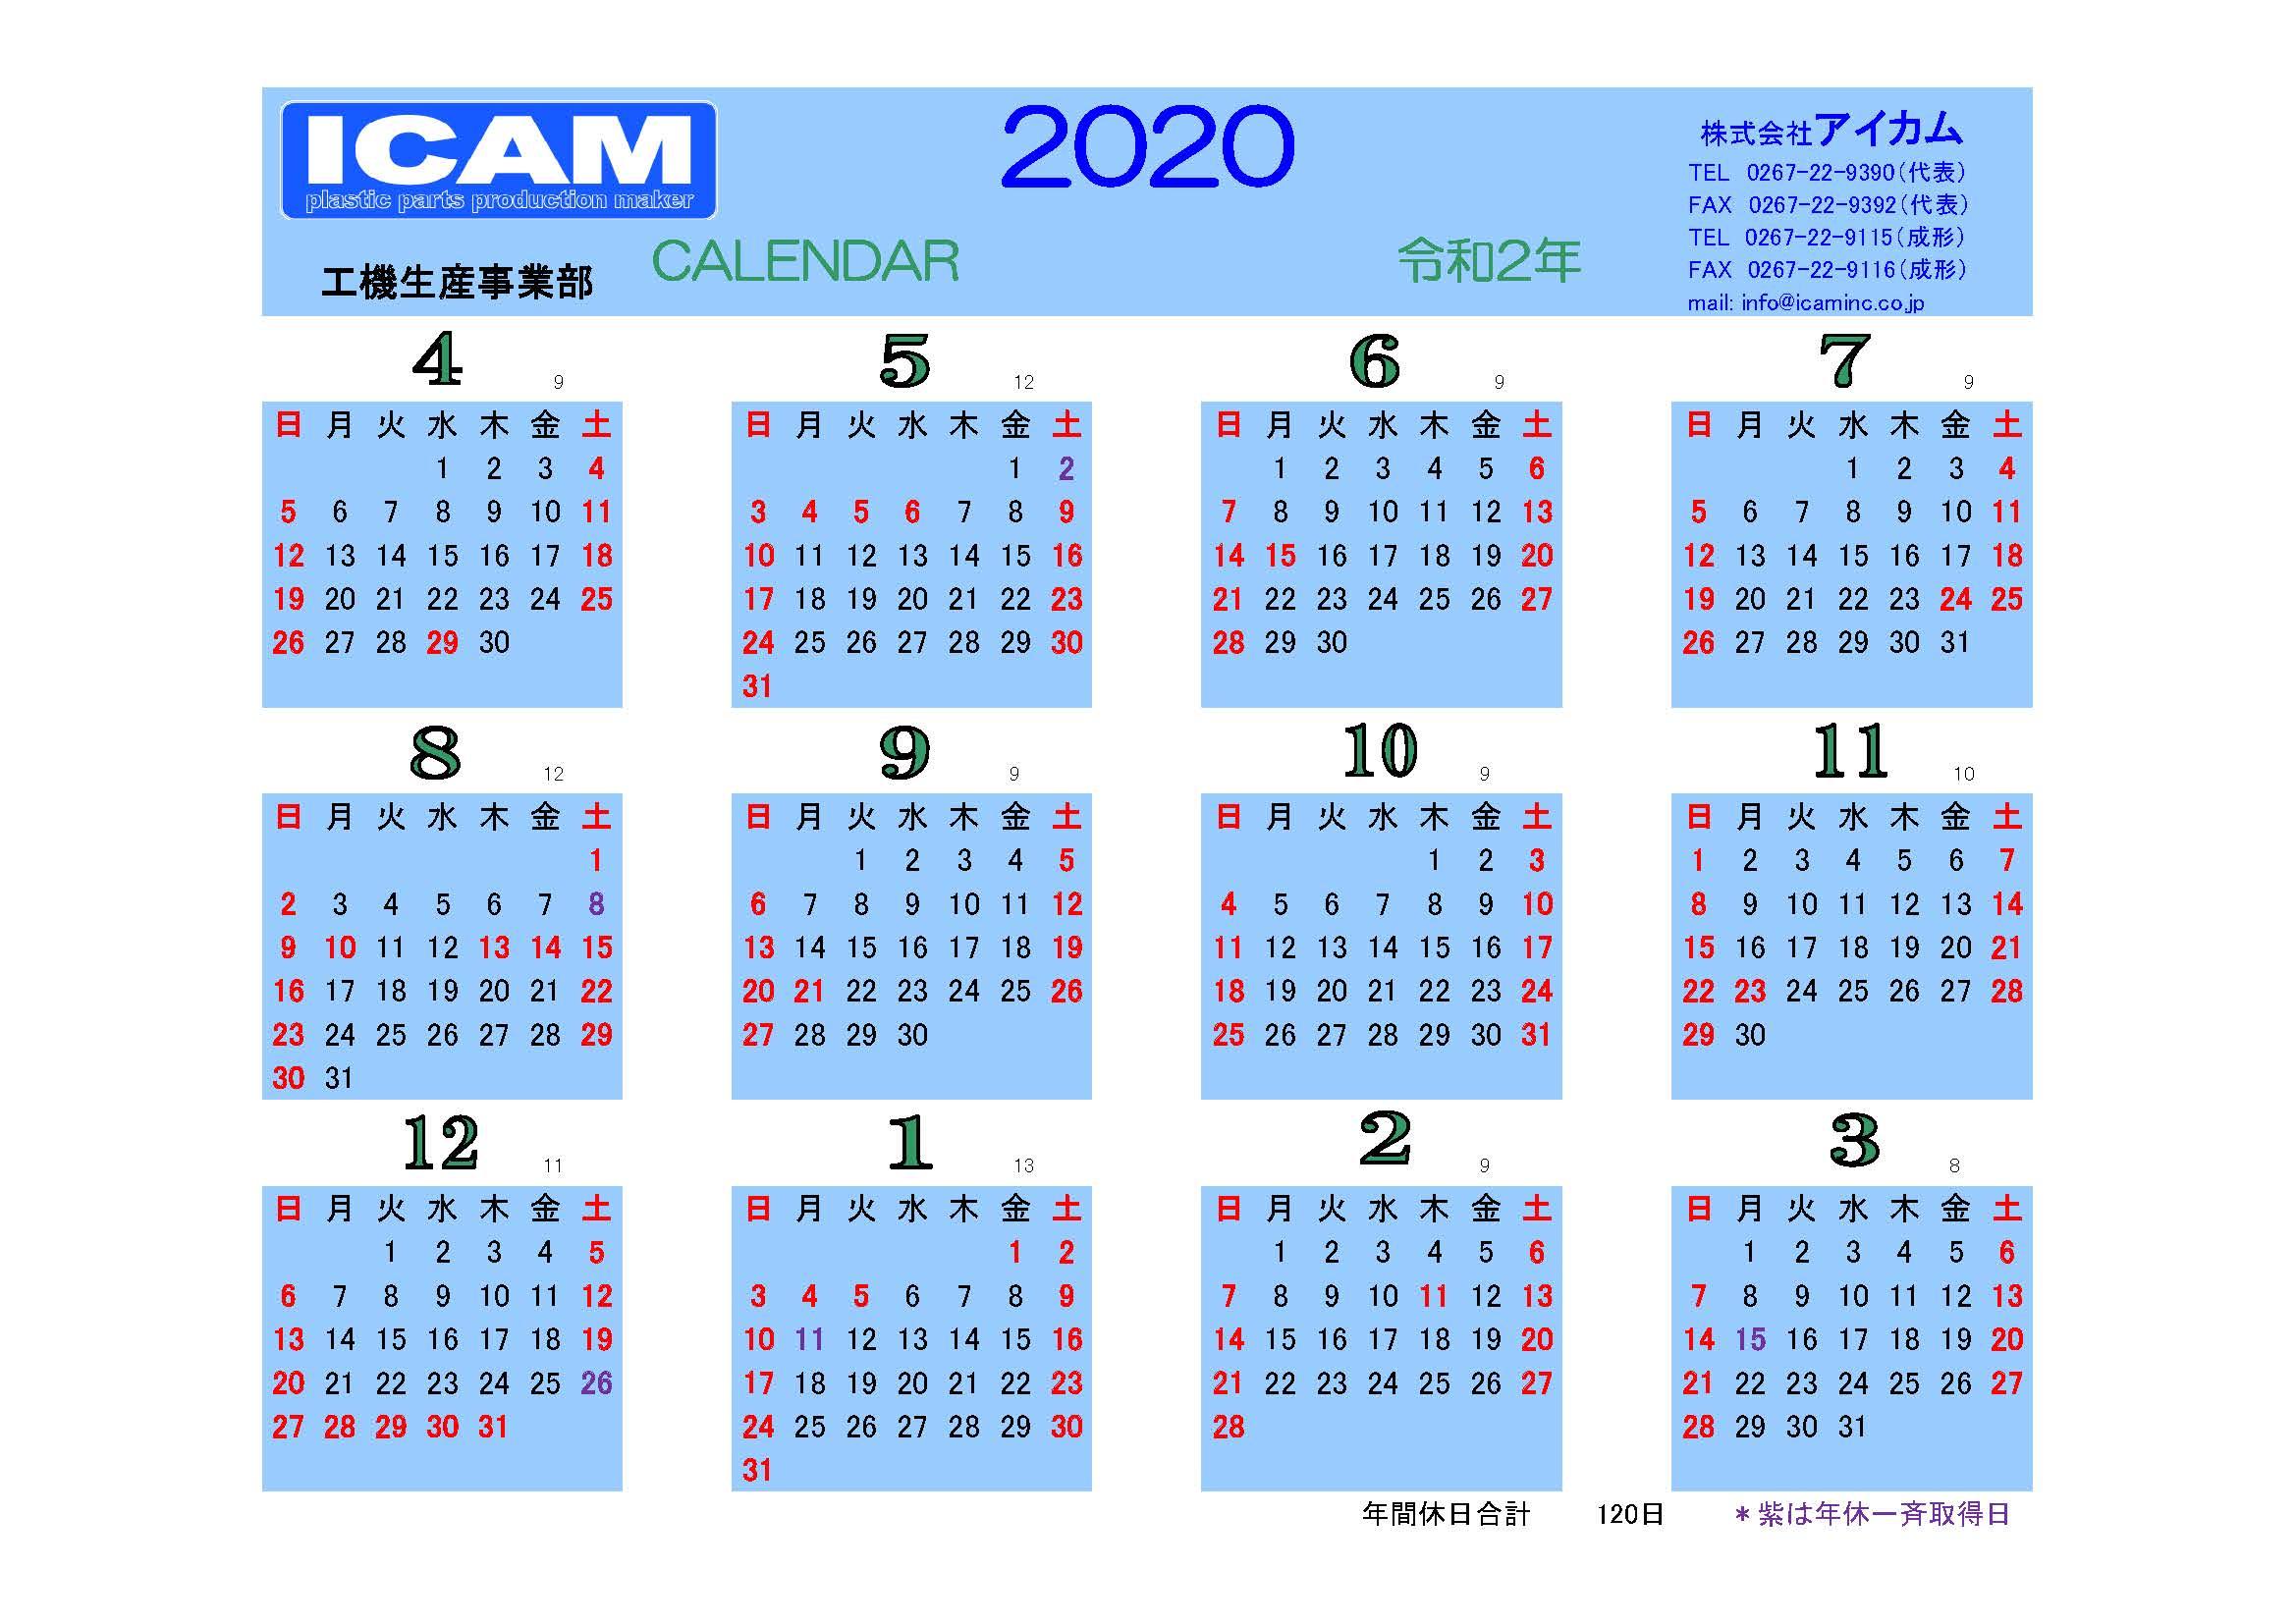 2020年工機カレンダー